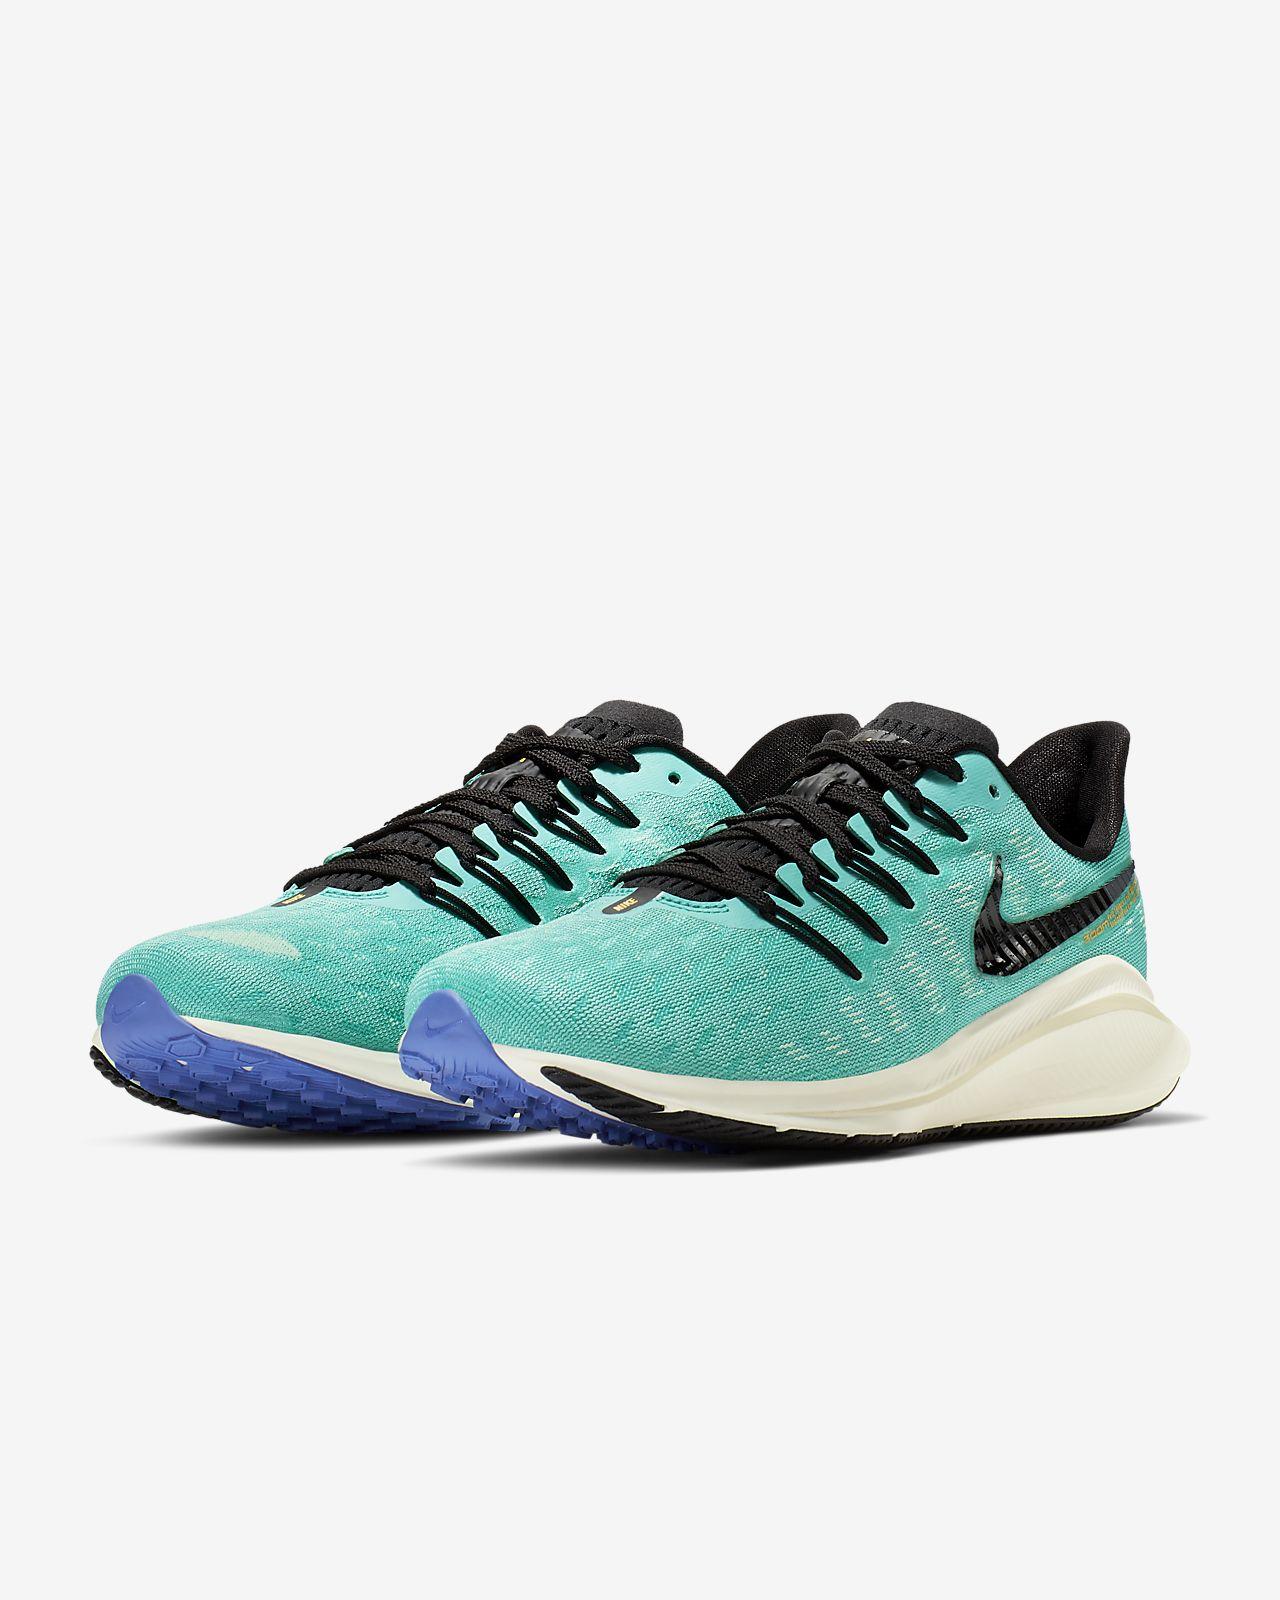 buy popular 31b5f f8acf ... Nike Air Zoom Vomero 14 Women s Running Shoe